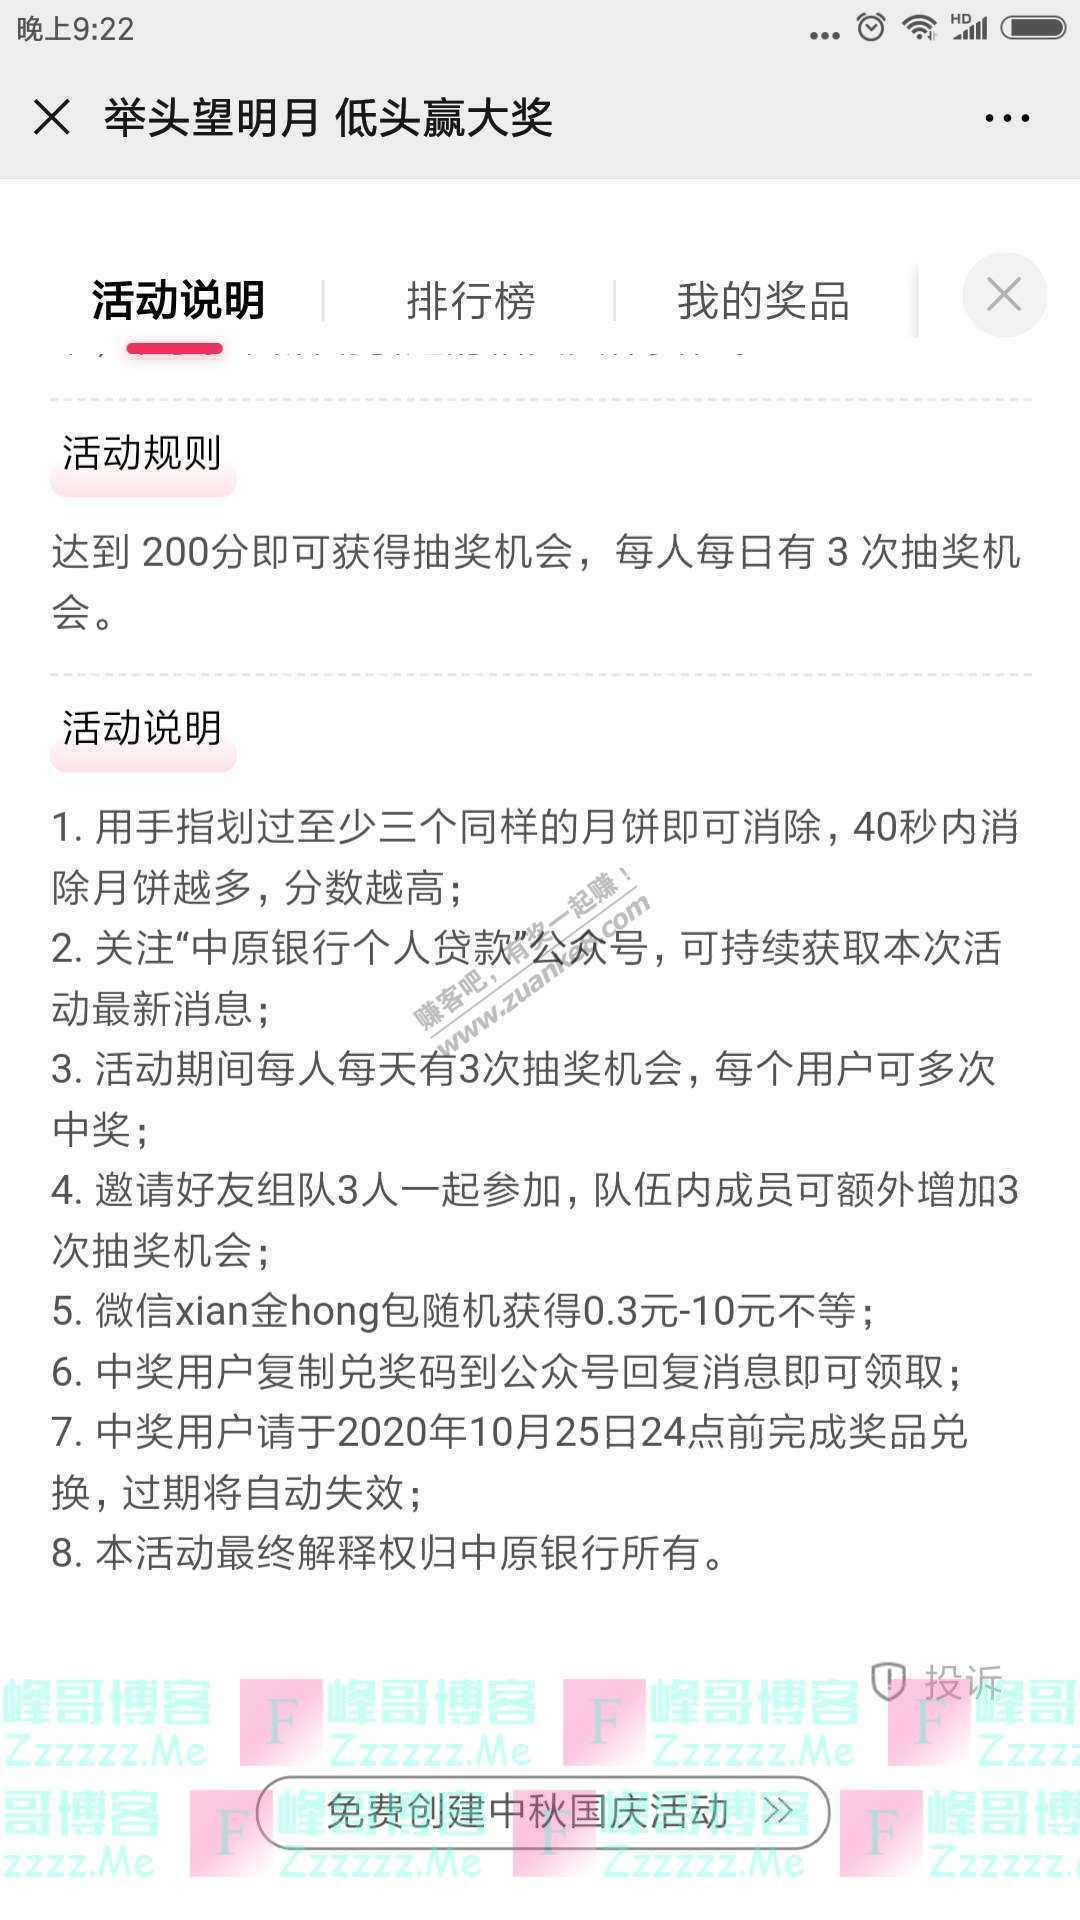 中原银行个人贷款祝有岁月可回首,愿有温柔寄中秋(截止10月25日)